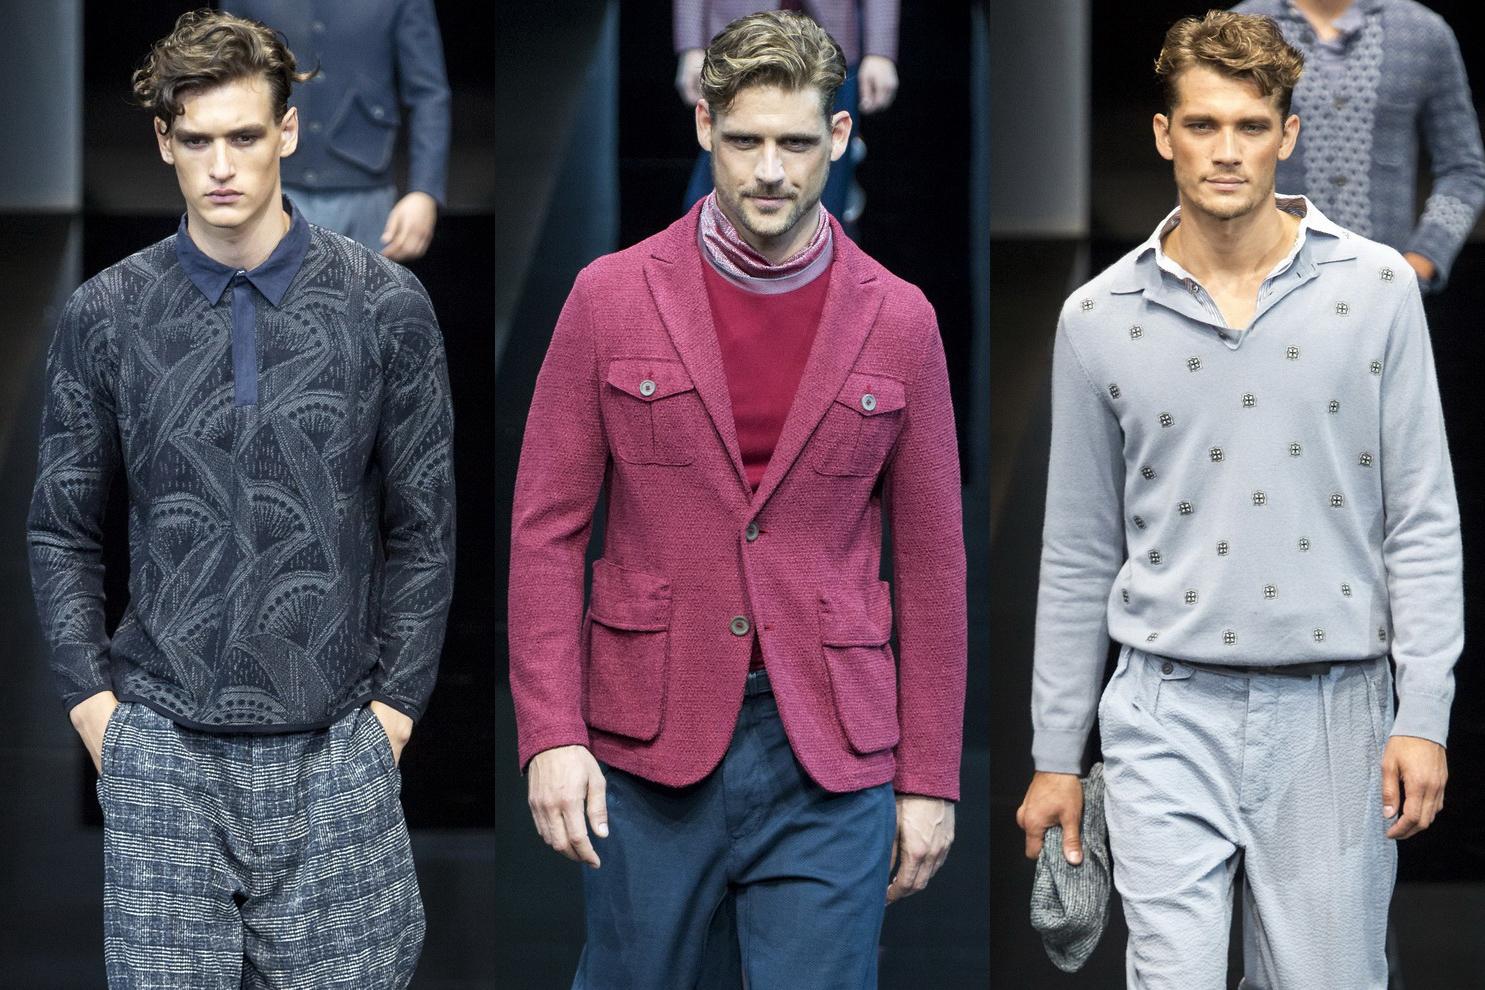 a60315ba2298474 Приглушенная палитра цветовой гаммы в большинстве приталенных моделей  мужской одежды летней коллекции Giorgio Armani 2017 имеет формальный стиль,  ...